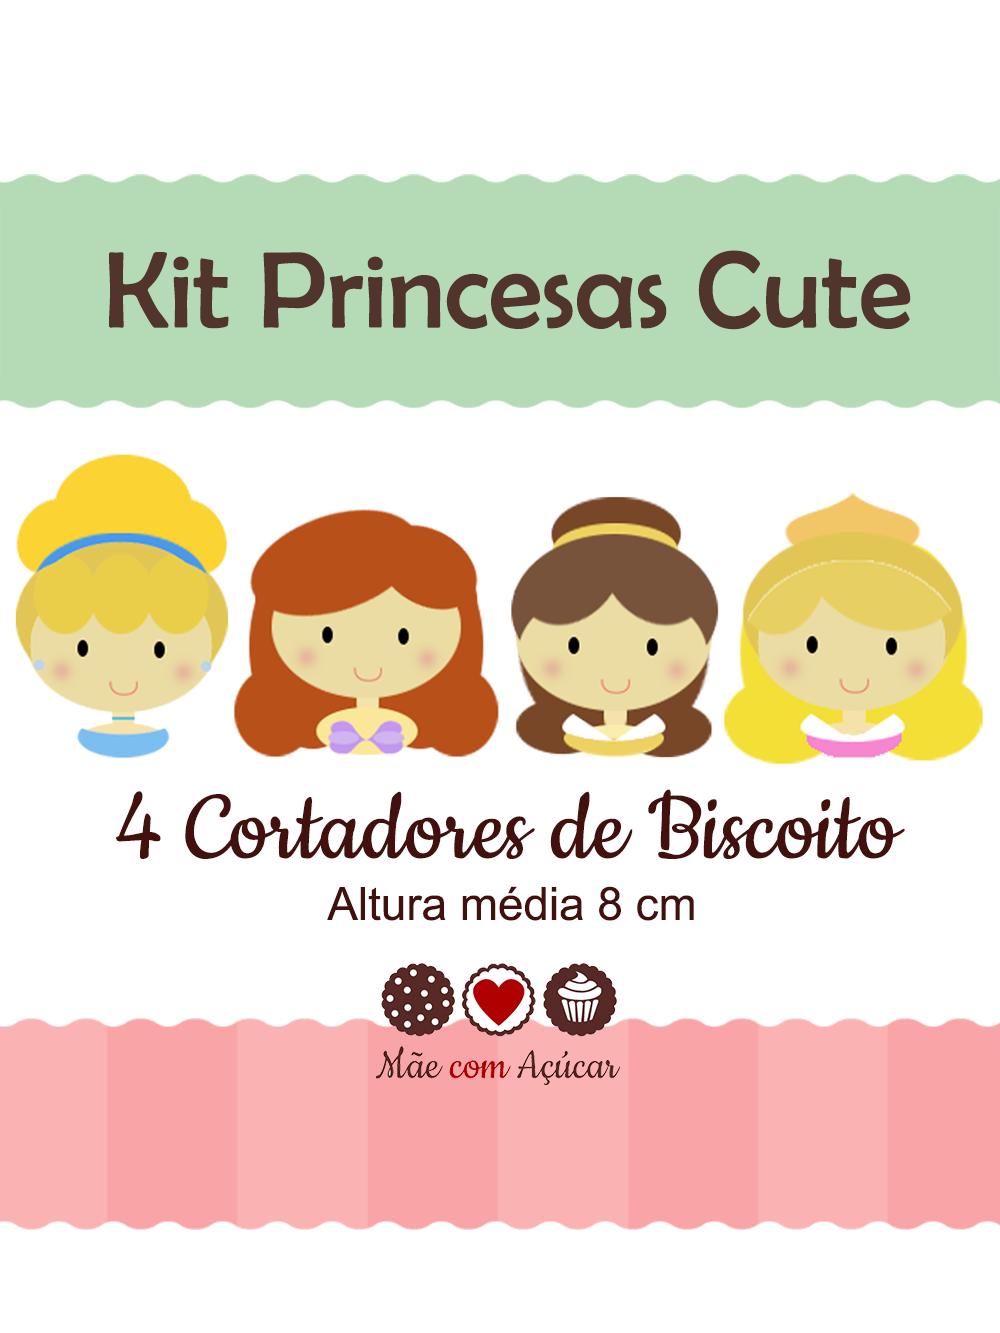 Kit de Cortadores de Biscoito Tema Princesas Cute